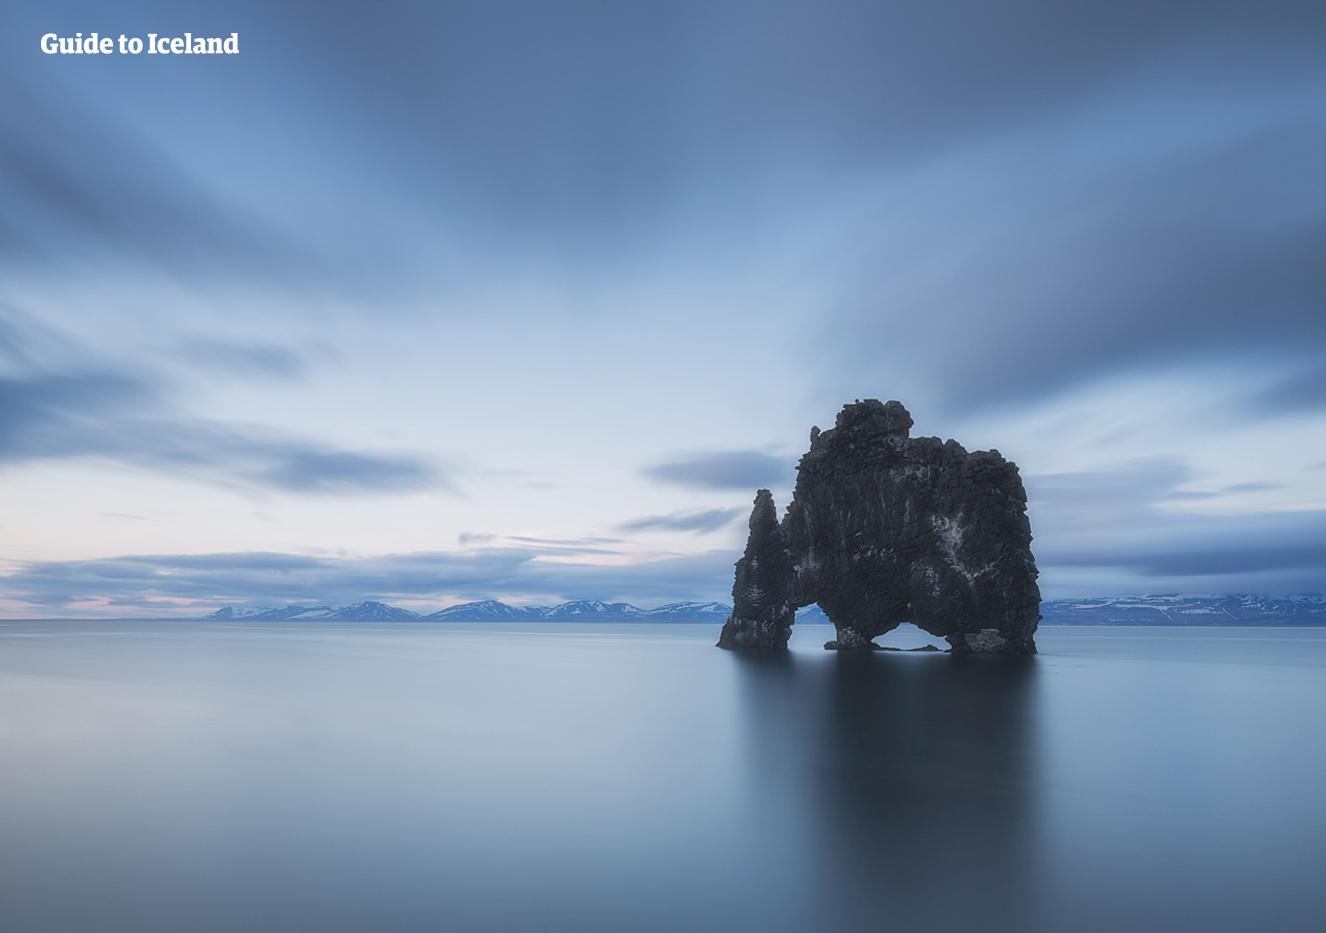 8 dni, samodzielna podróż | Dookoła Islandii z dłuższym pobytem na południu - day 7